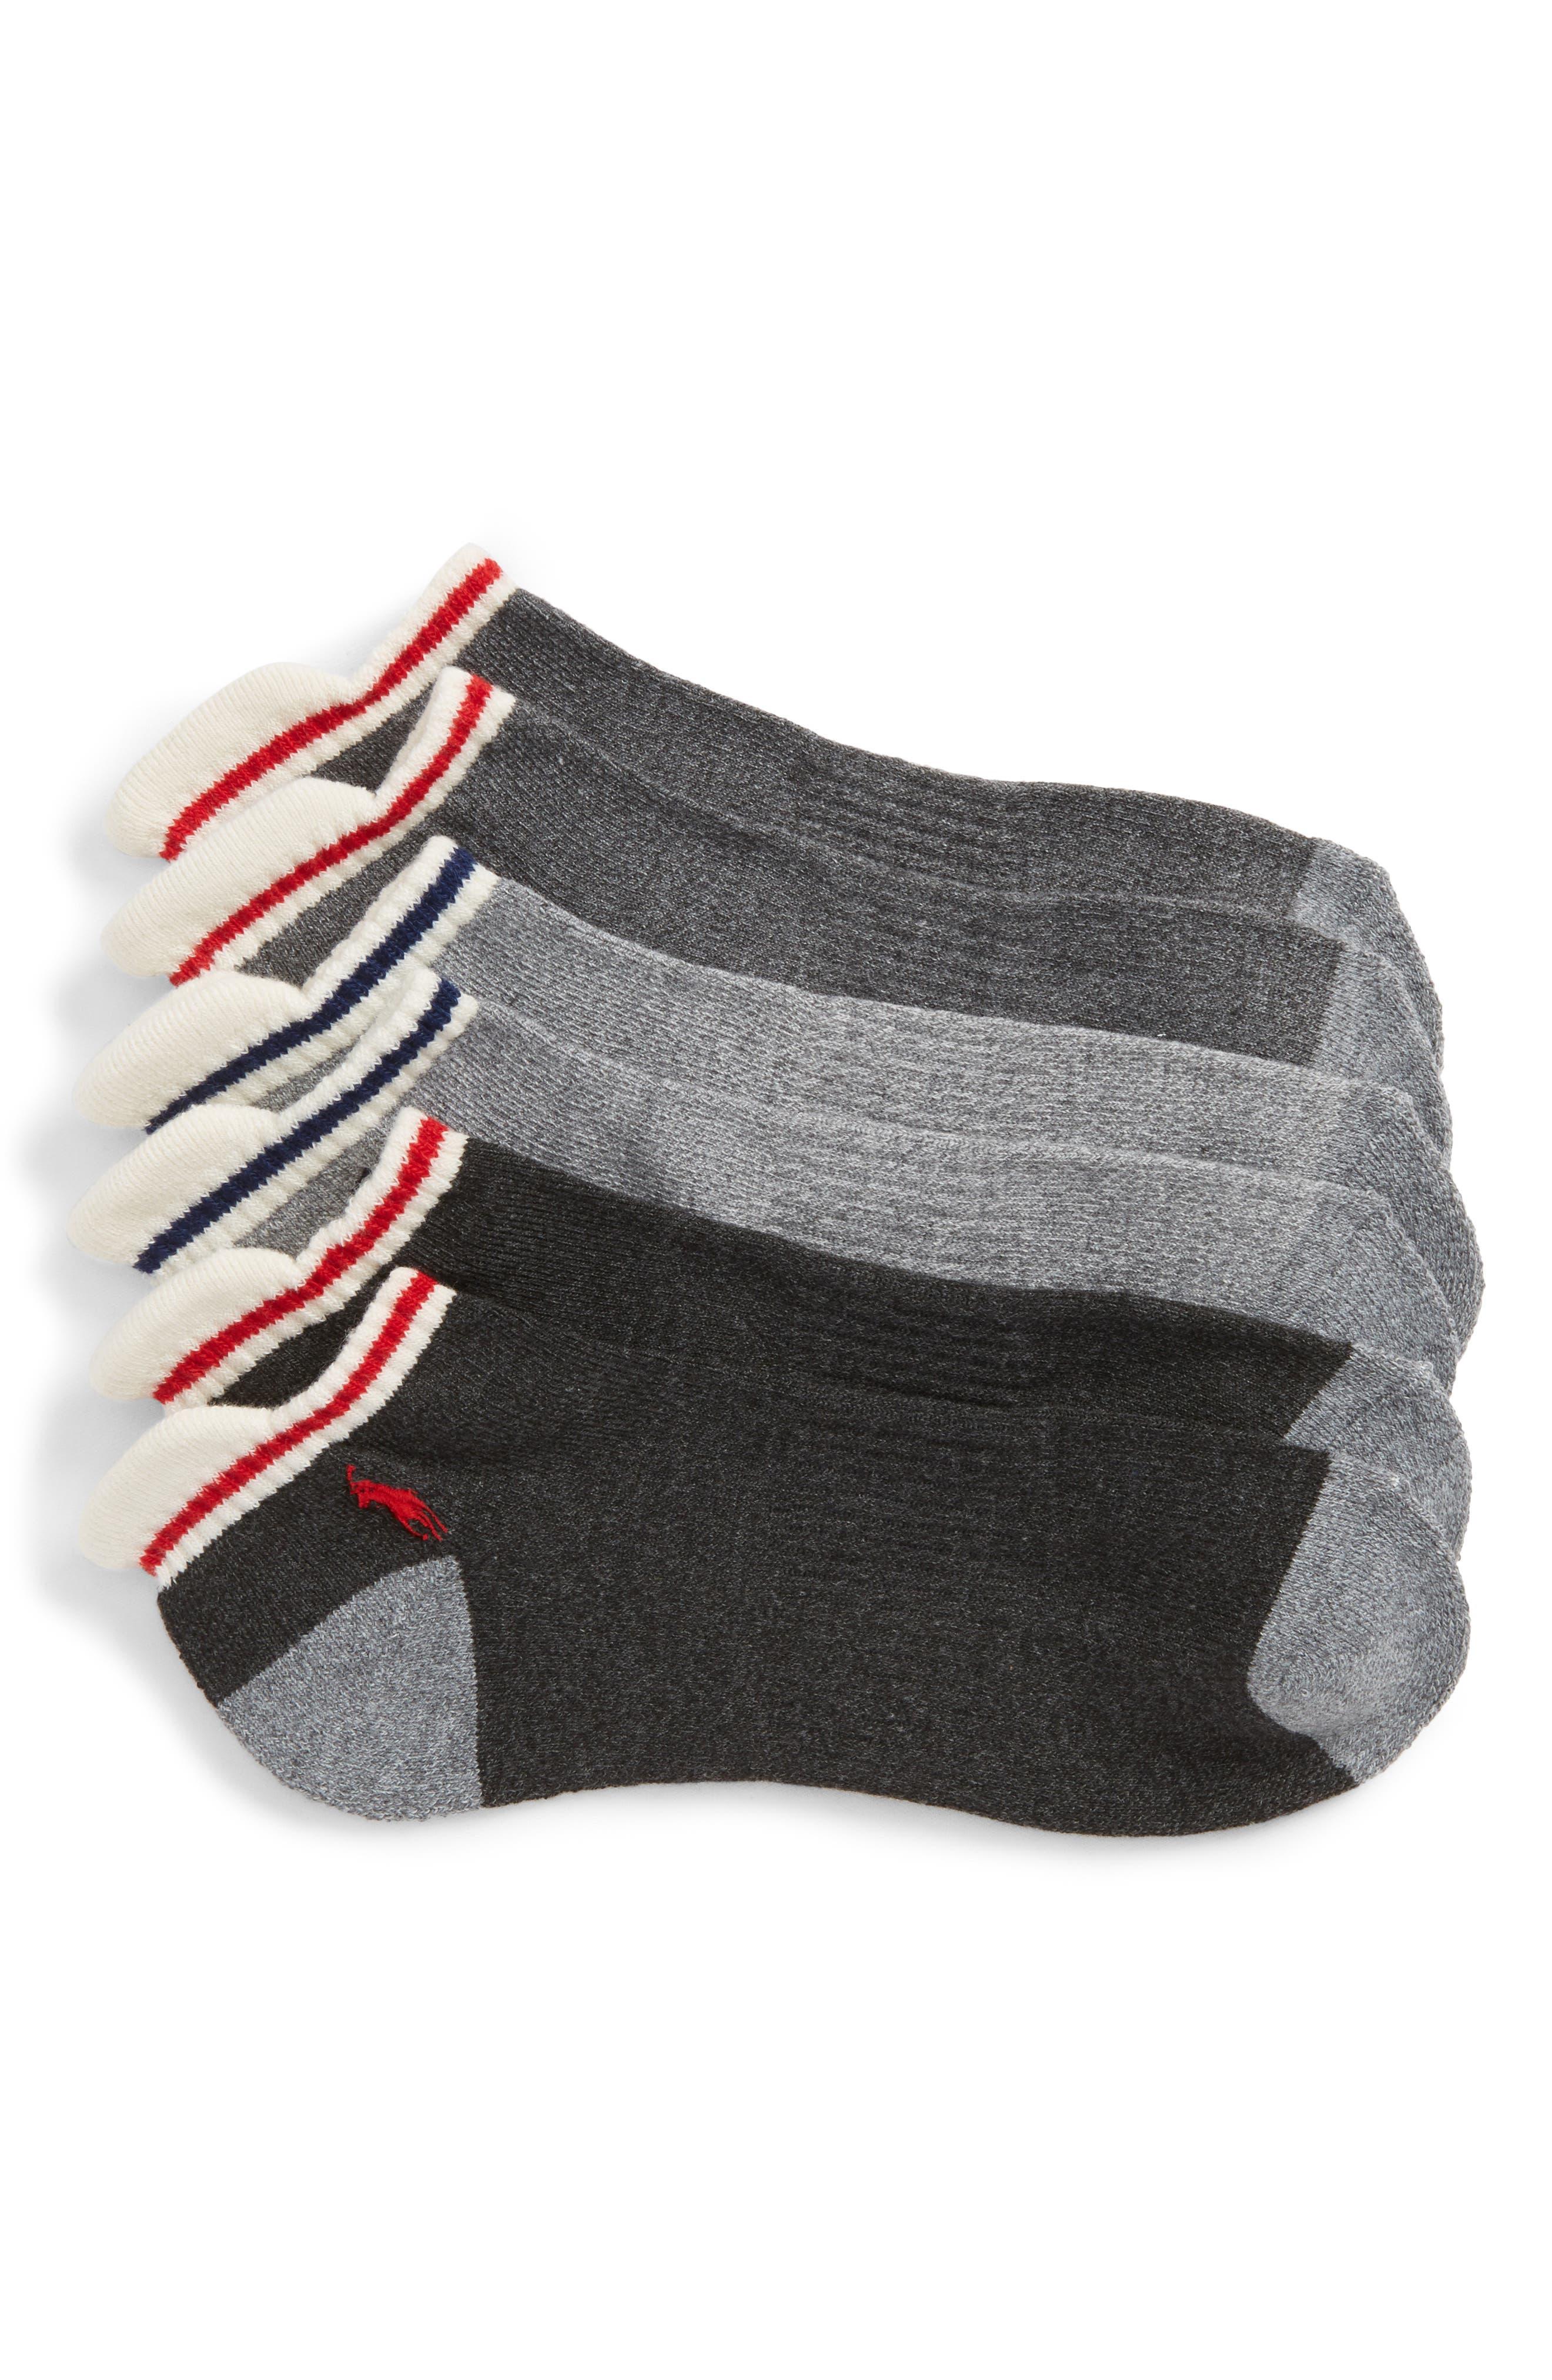 3-Pack Low Cut Socks,                         Main,                         color, 072